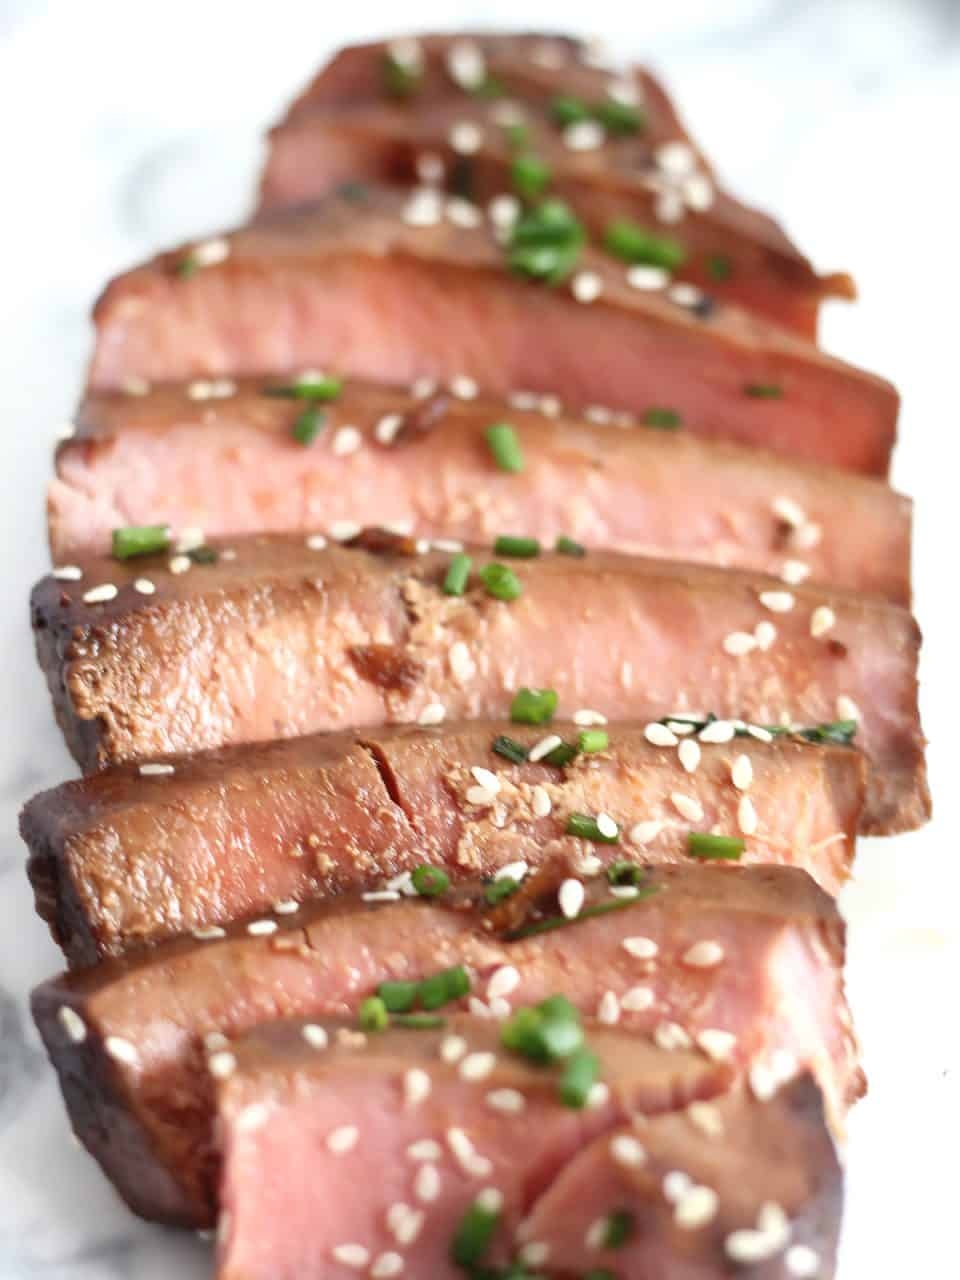 Close up of sliced tuna steak.